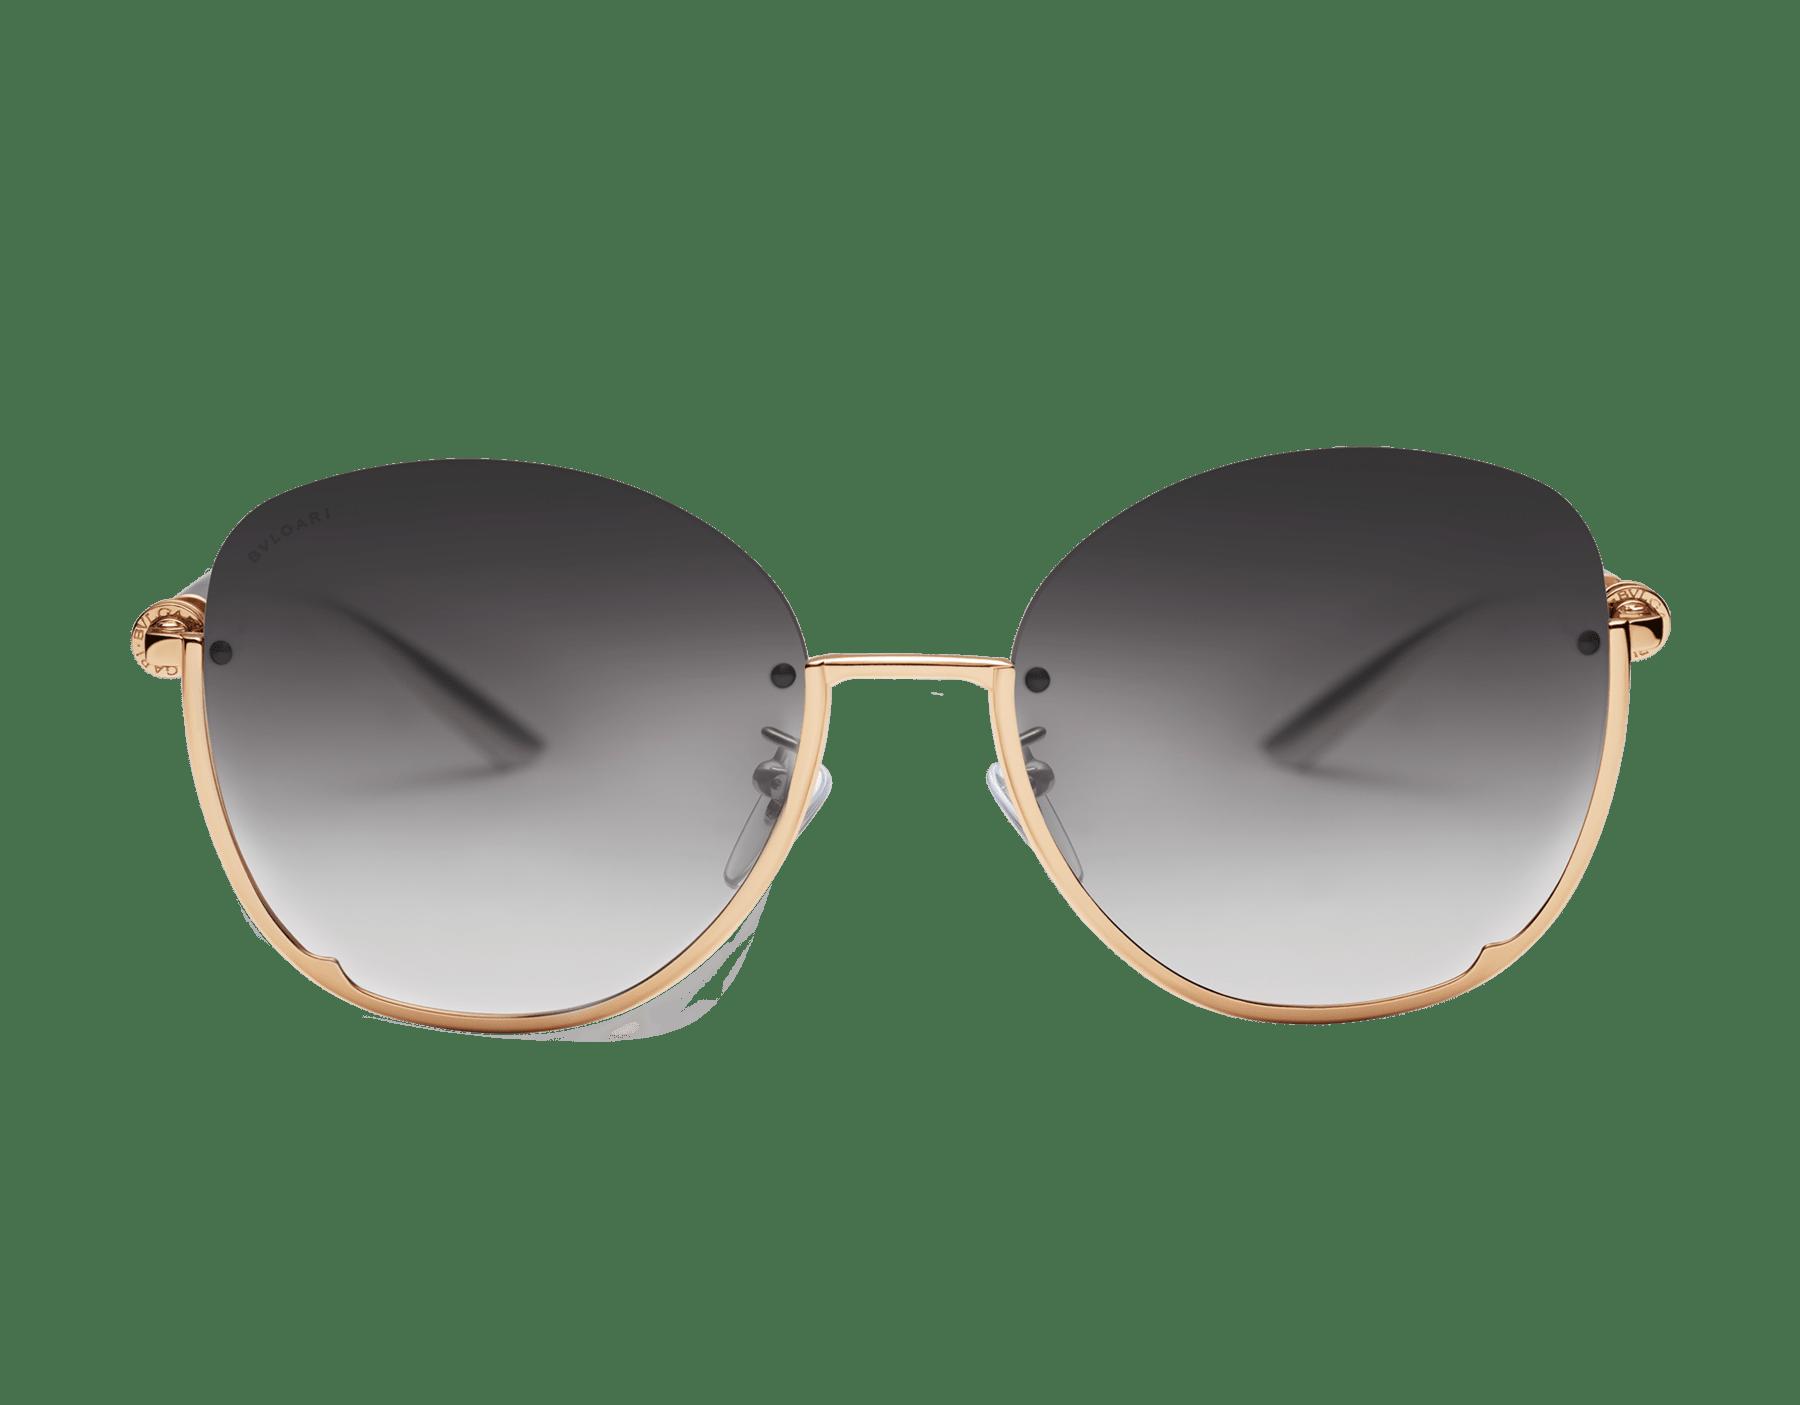 寶格麗 B.zero1 半框圓形金屬太陽眼鏡。 903819 image 2